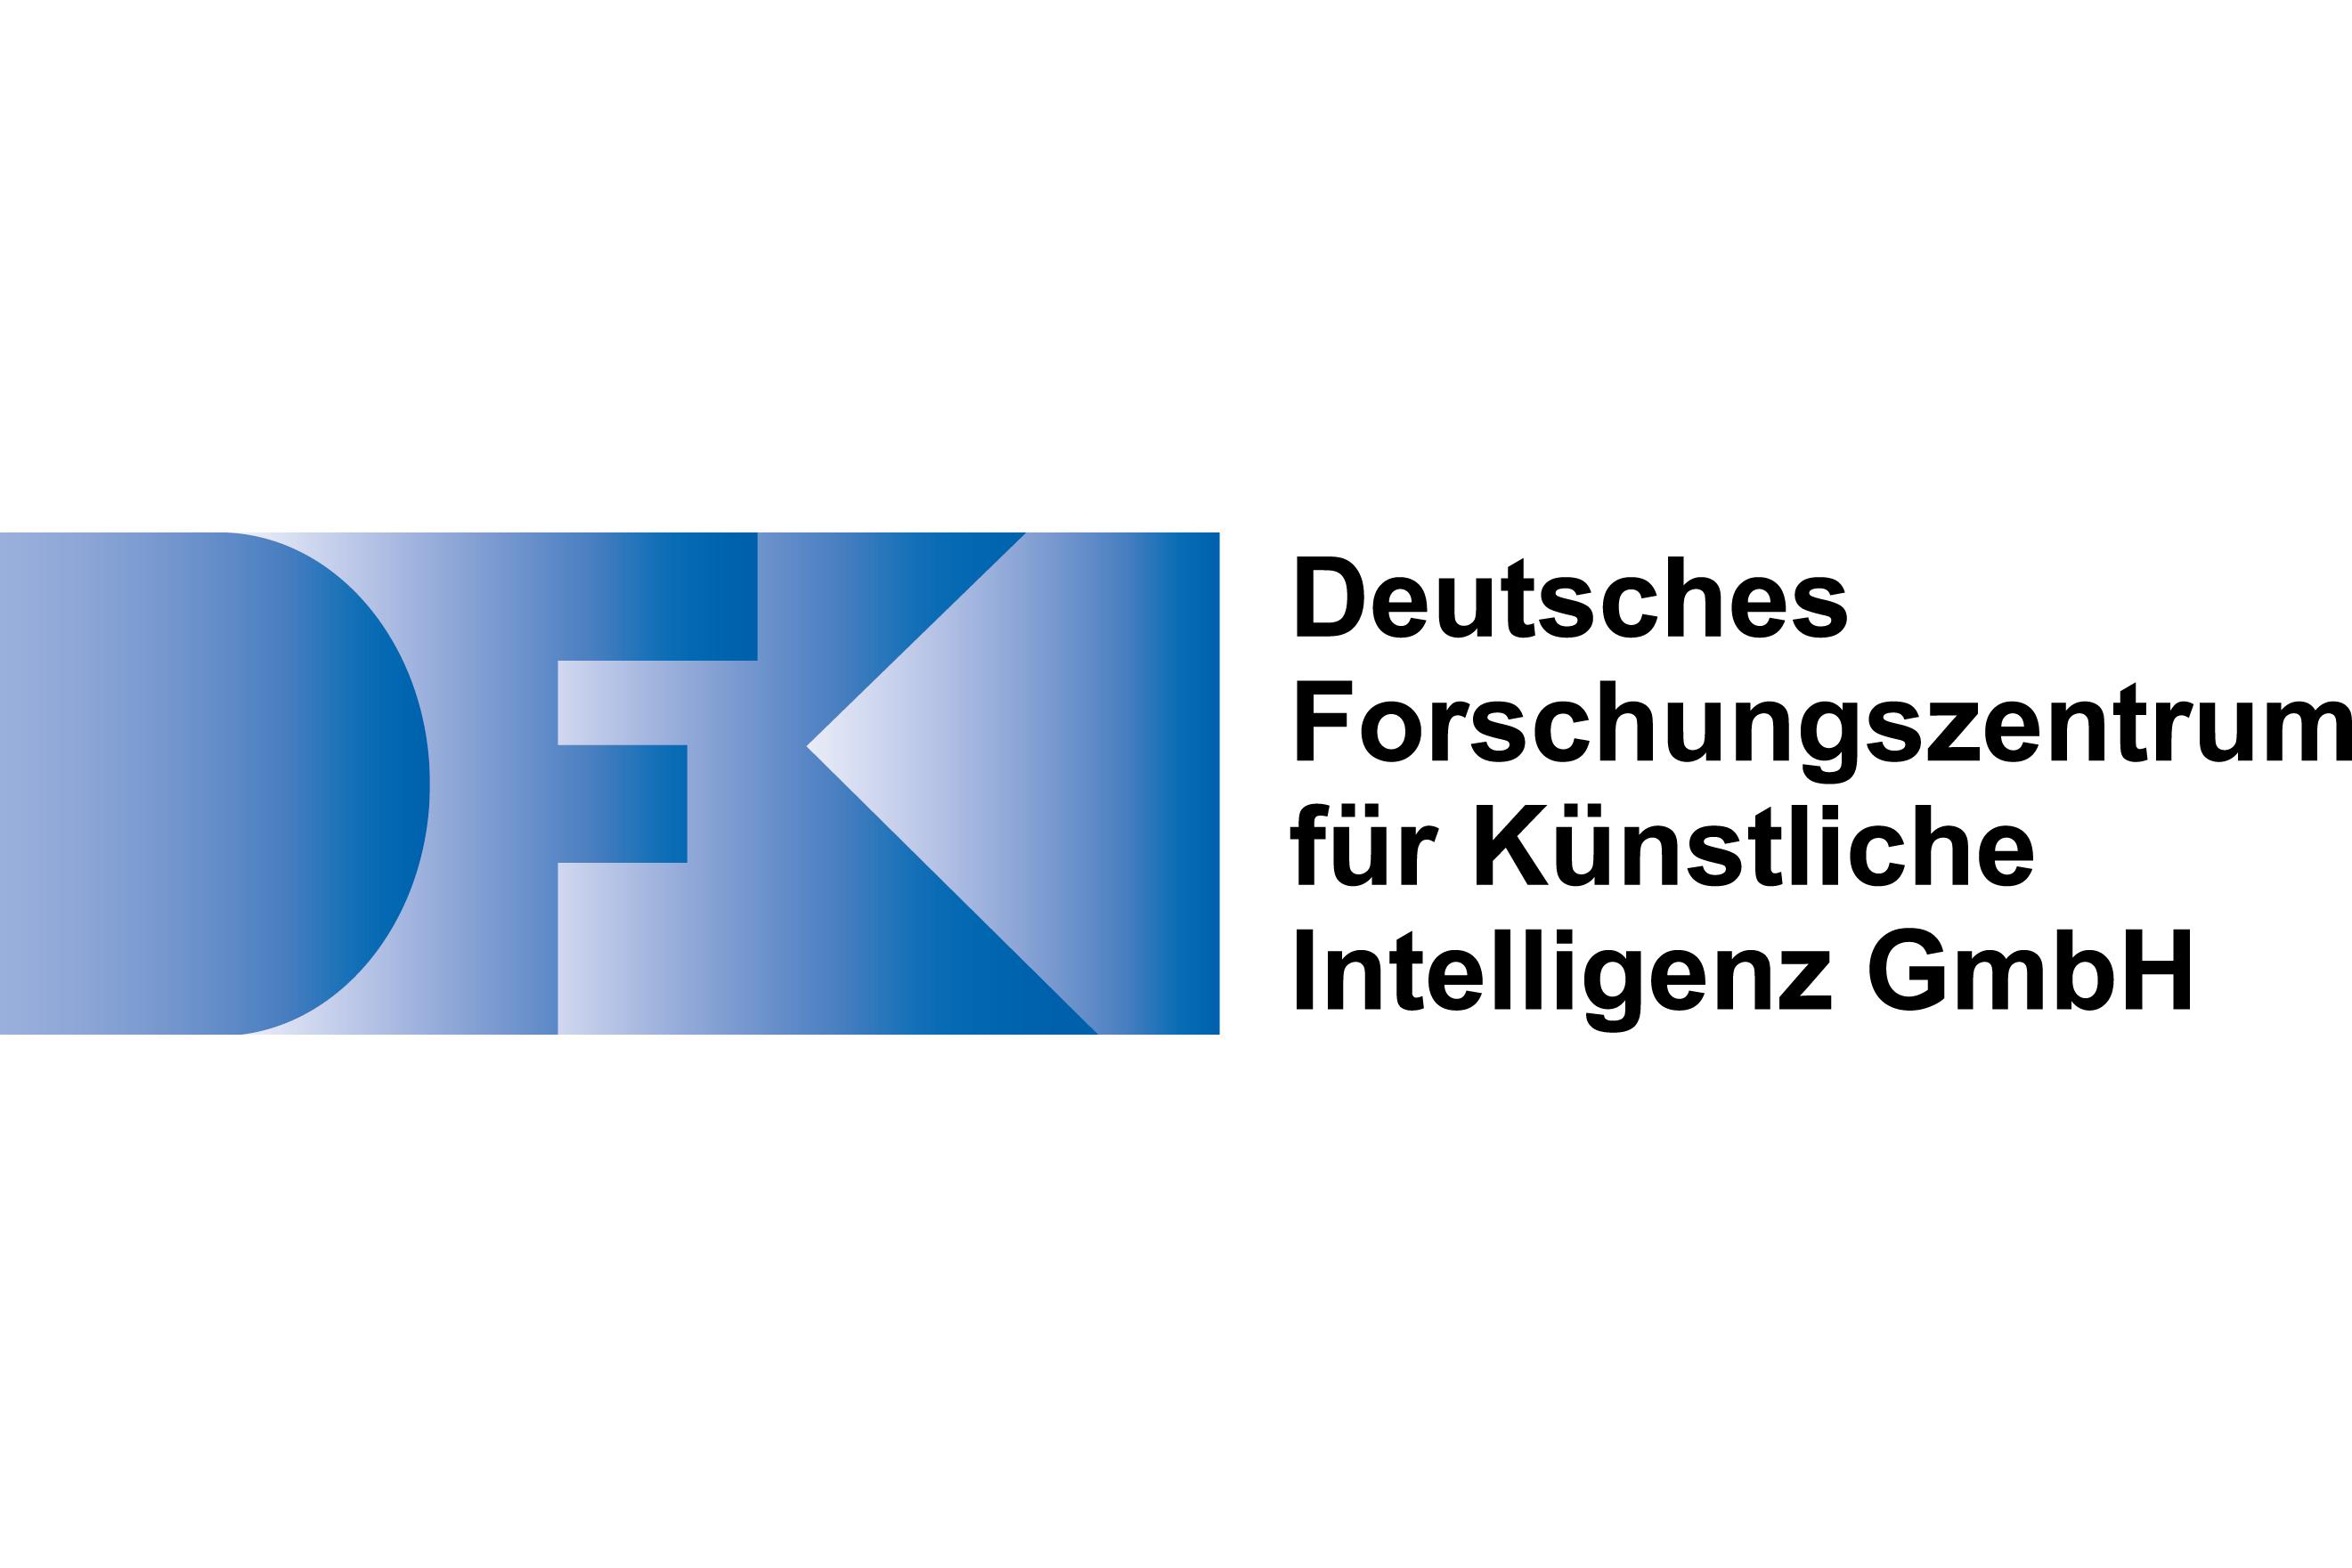 Auf diesem Bild sieht man das Logo vom Deutschen Forschungszentrum für Künstliche Intelligenz GmbH zu sehen.